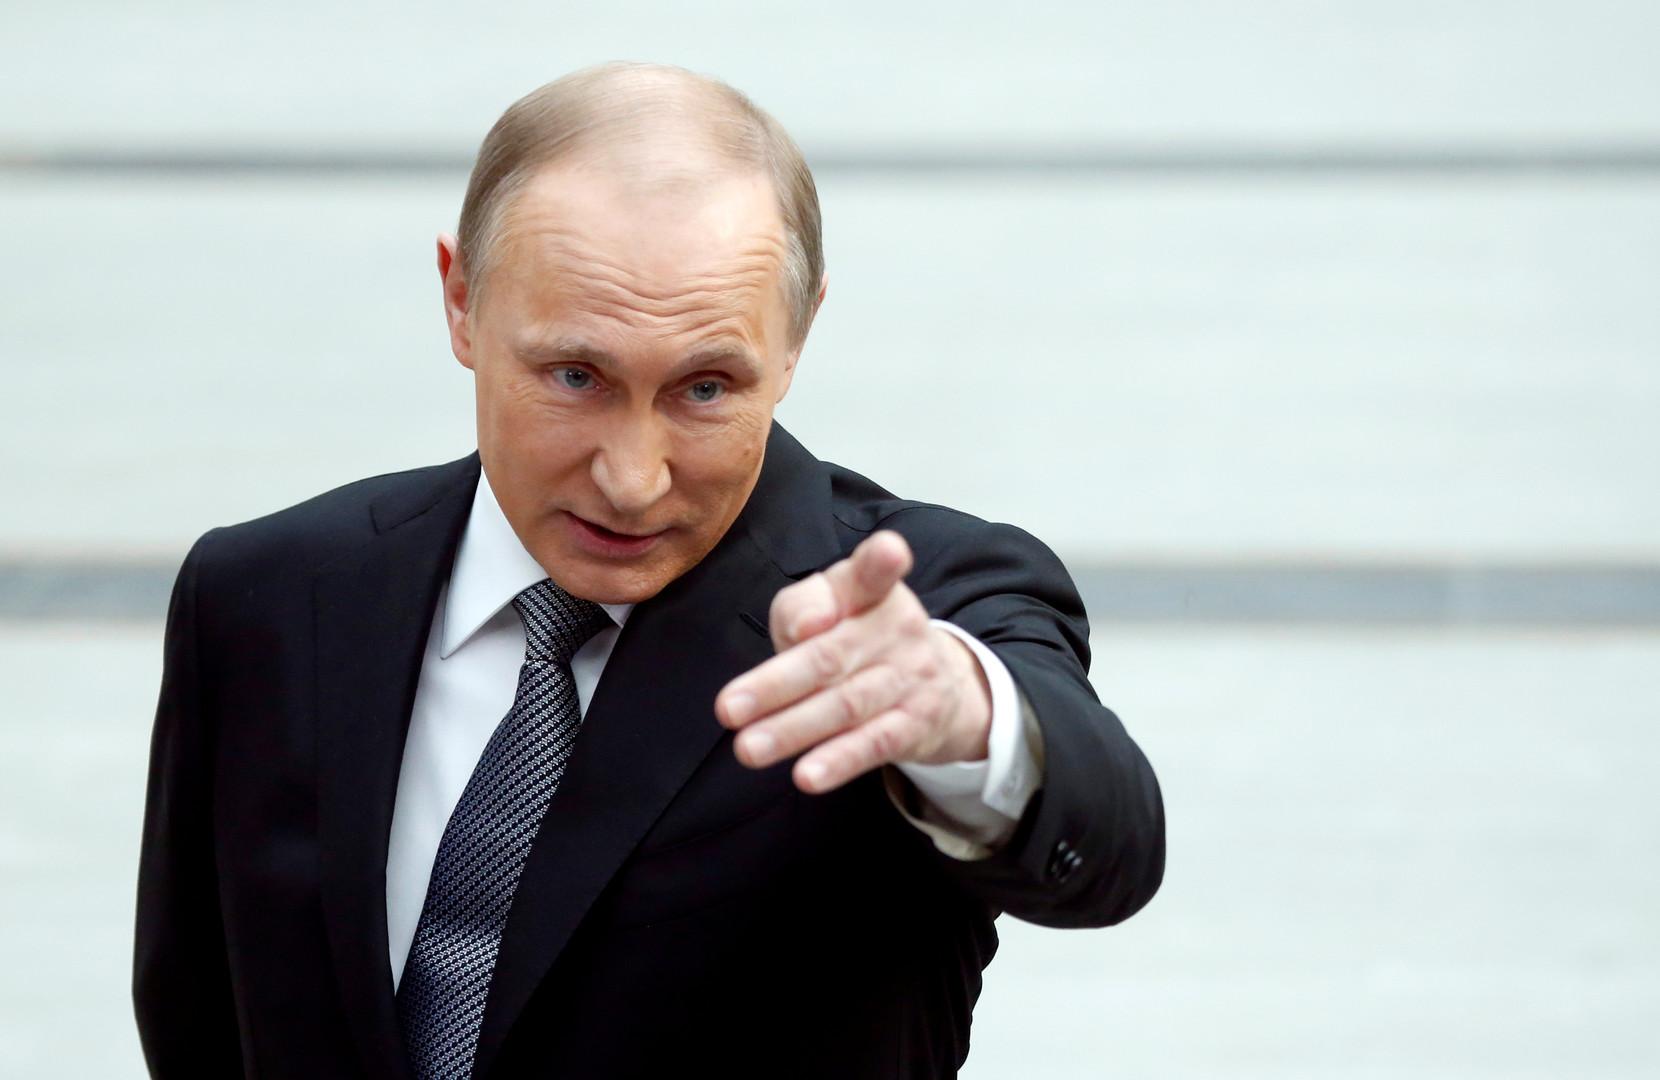 А что может твой Путин: какие обвинения против президента России не кажутся вам выдумкой